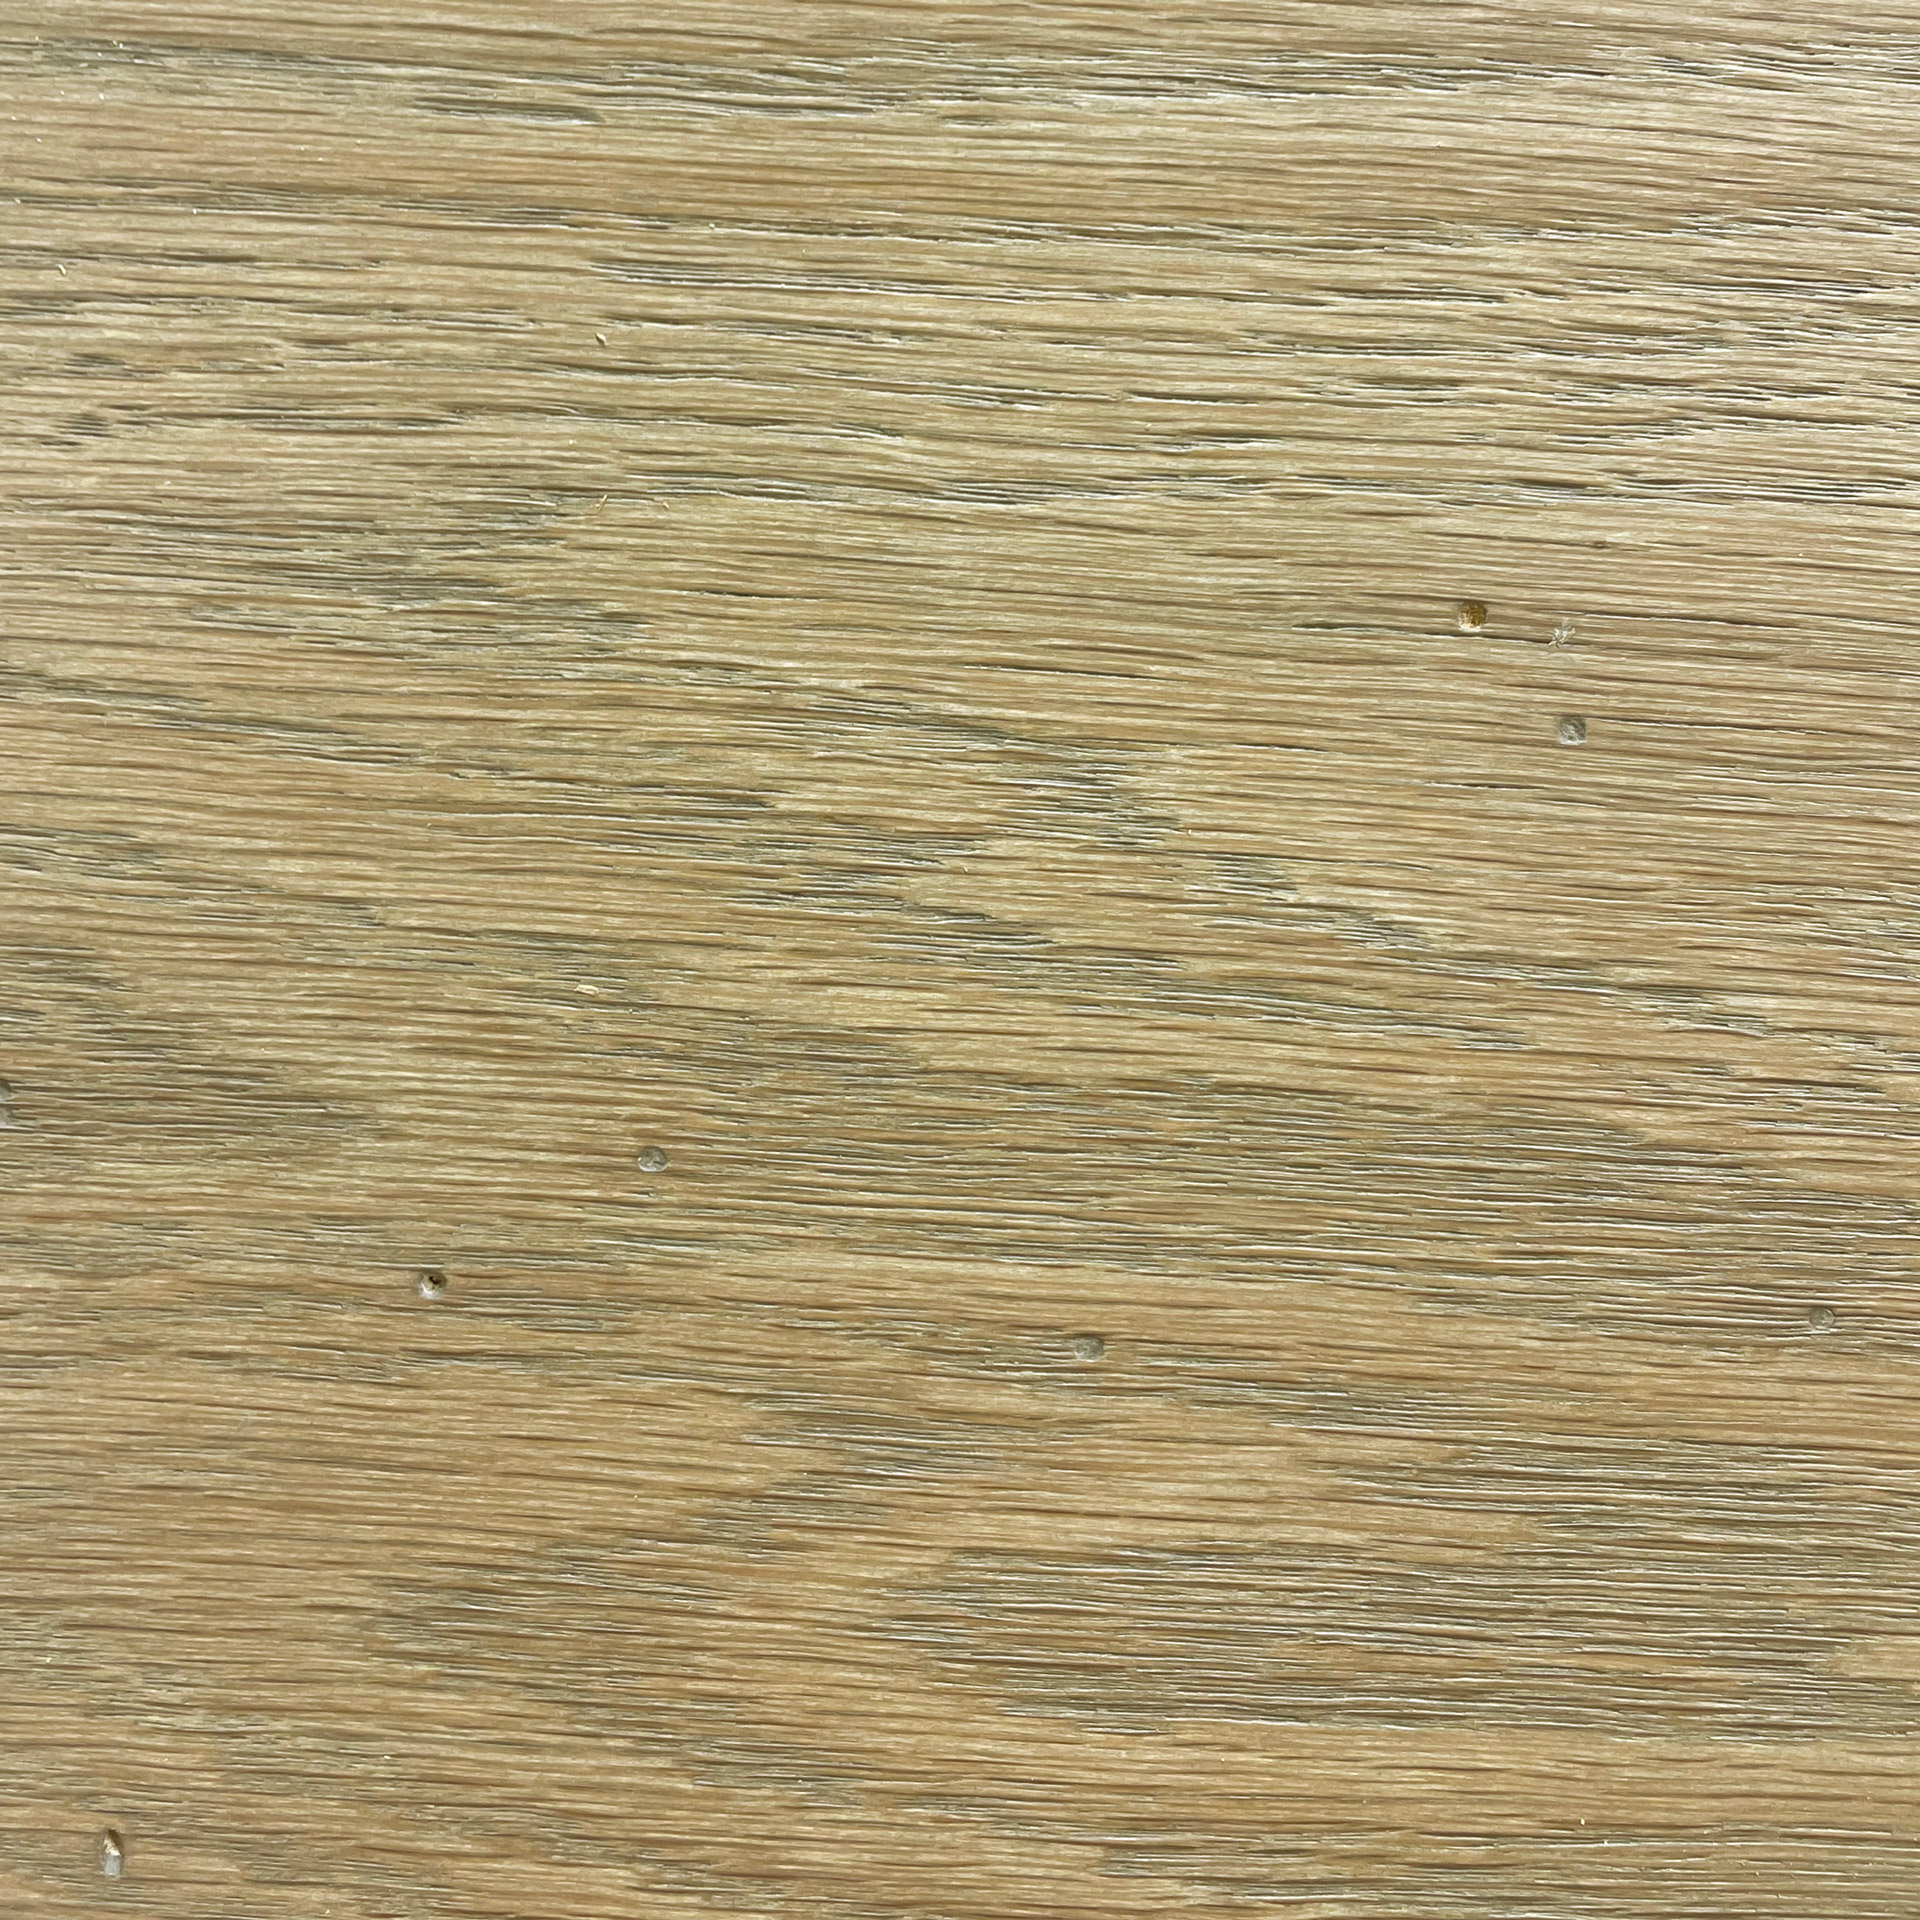 Driftwood - Lauren Liess Collection